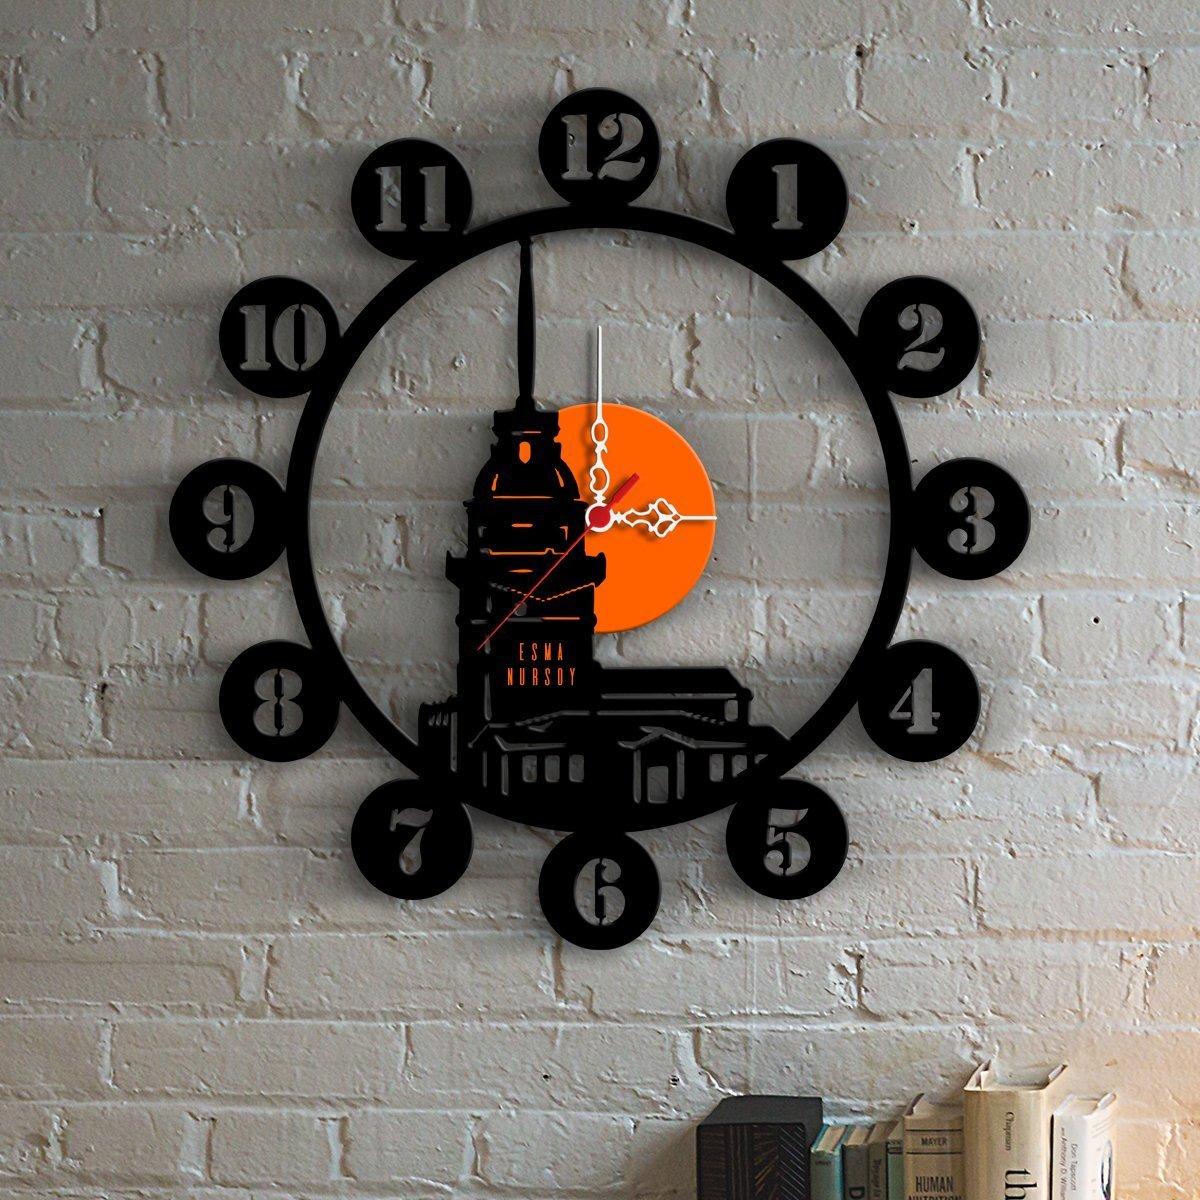 e6c70b2193c88 Bitmeyen.com Kişiye Özel Kız Kulesi Tasarımlı Ahşap Duvar Saati - 1